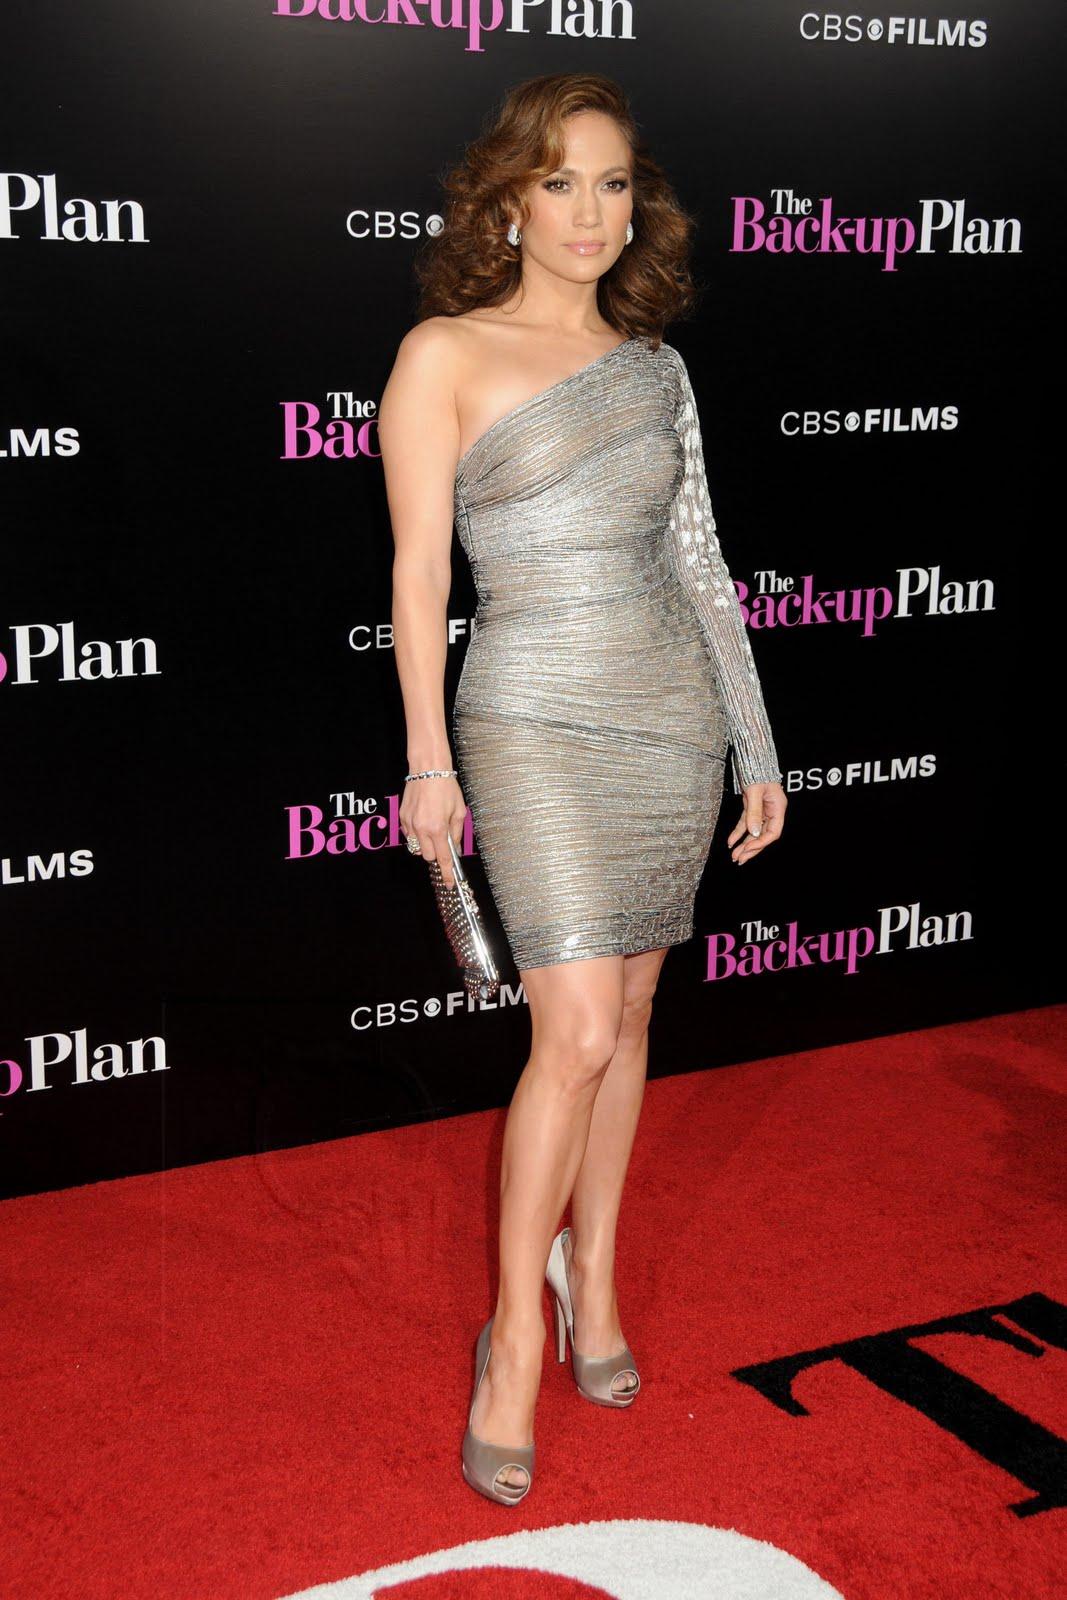 http://3.bp.blogspot.com/-R6MqSKrrbeM/Ti1_lOKytqI/AAAAAAAABl0/pgGbU39SKNA/s1600/Jennifer-Lopez-Feet-133613.jpg